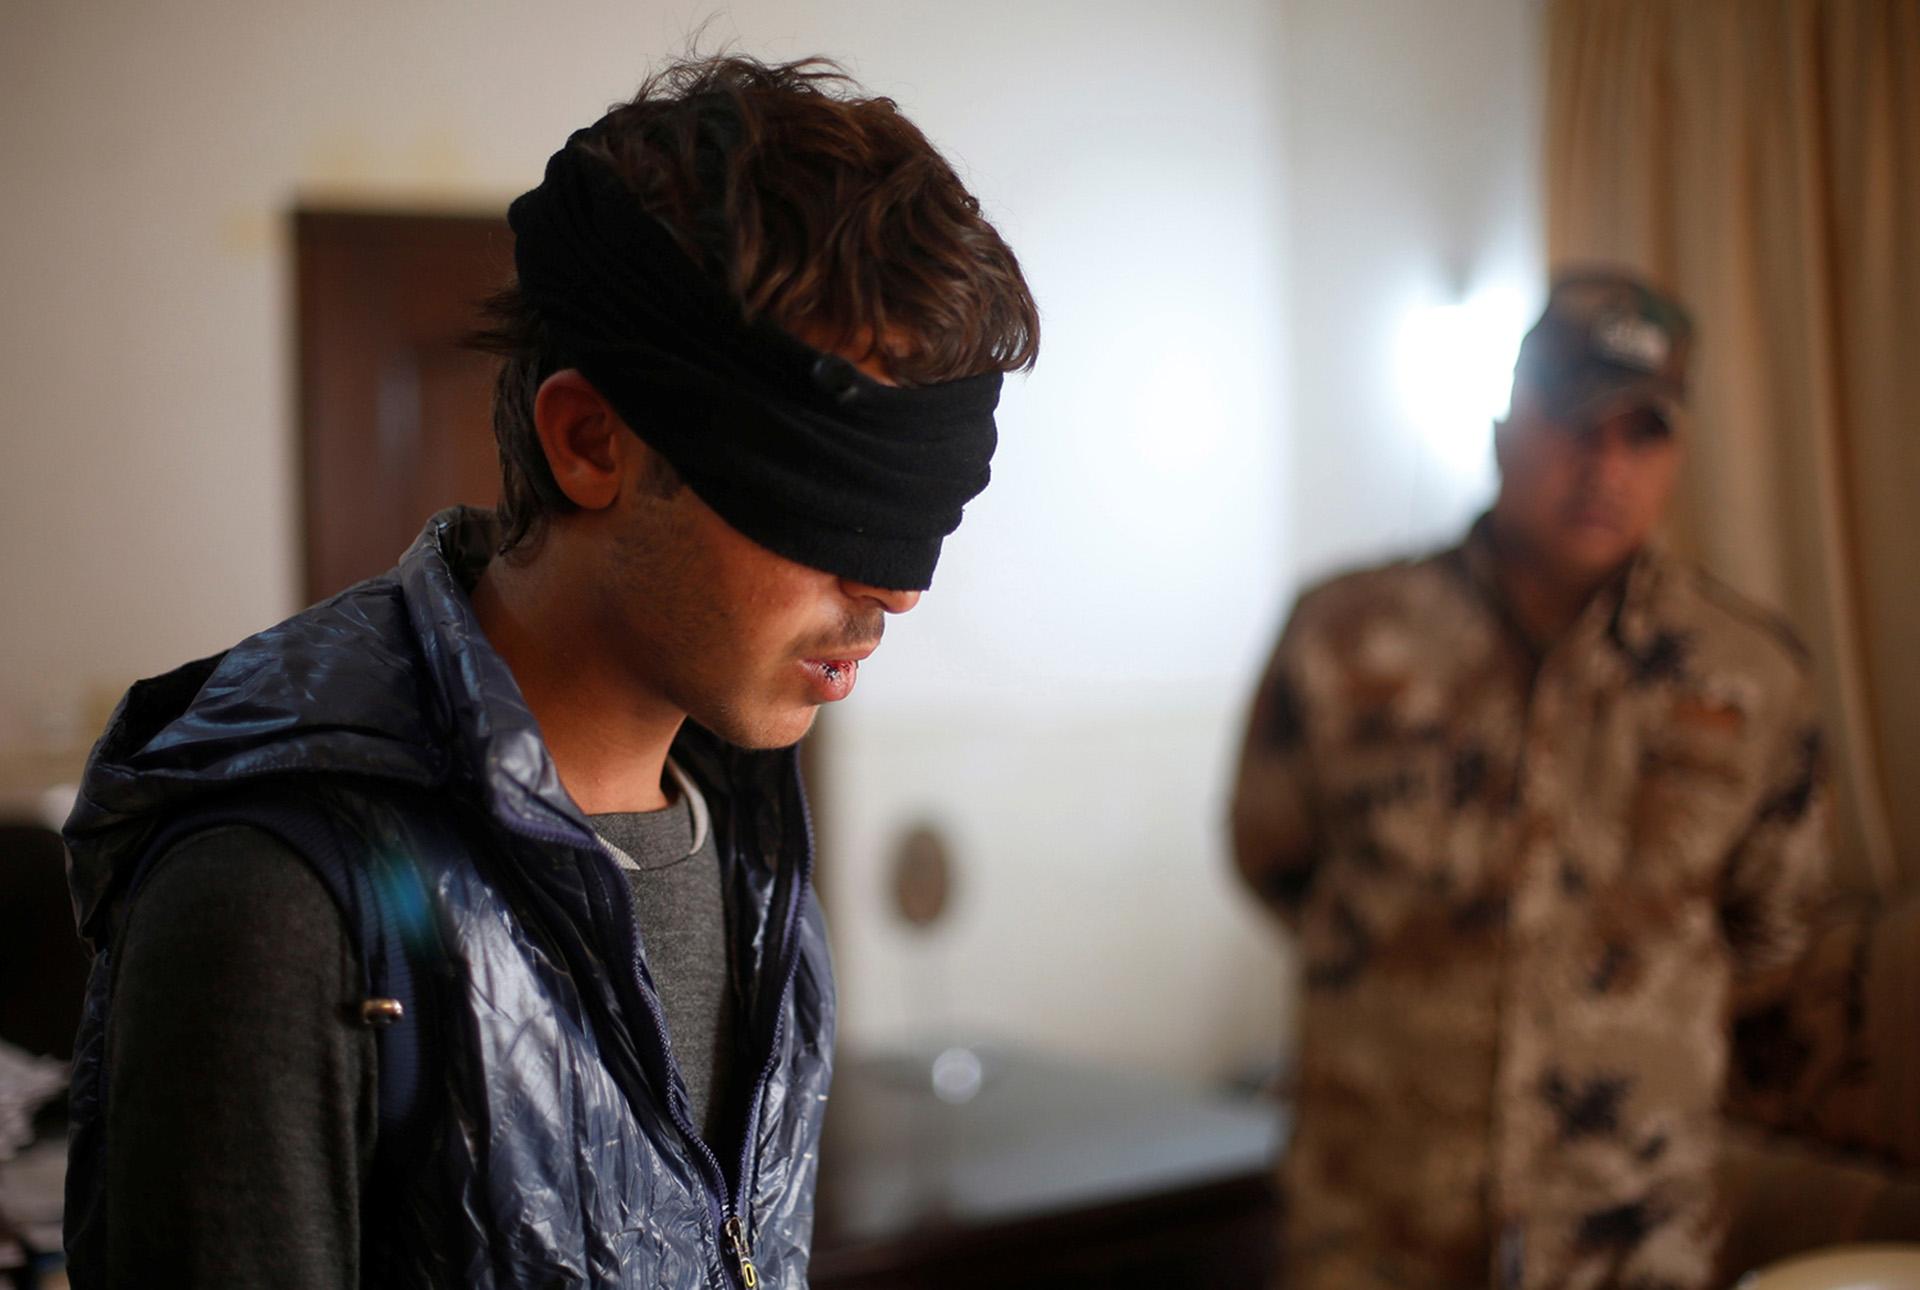 Un detenido, sospechoso de colaborar con ISIS, espera ser interrogado (Reuters)